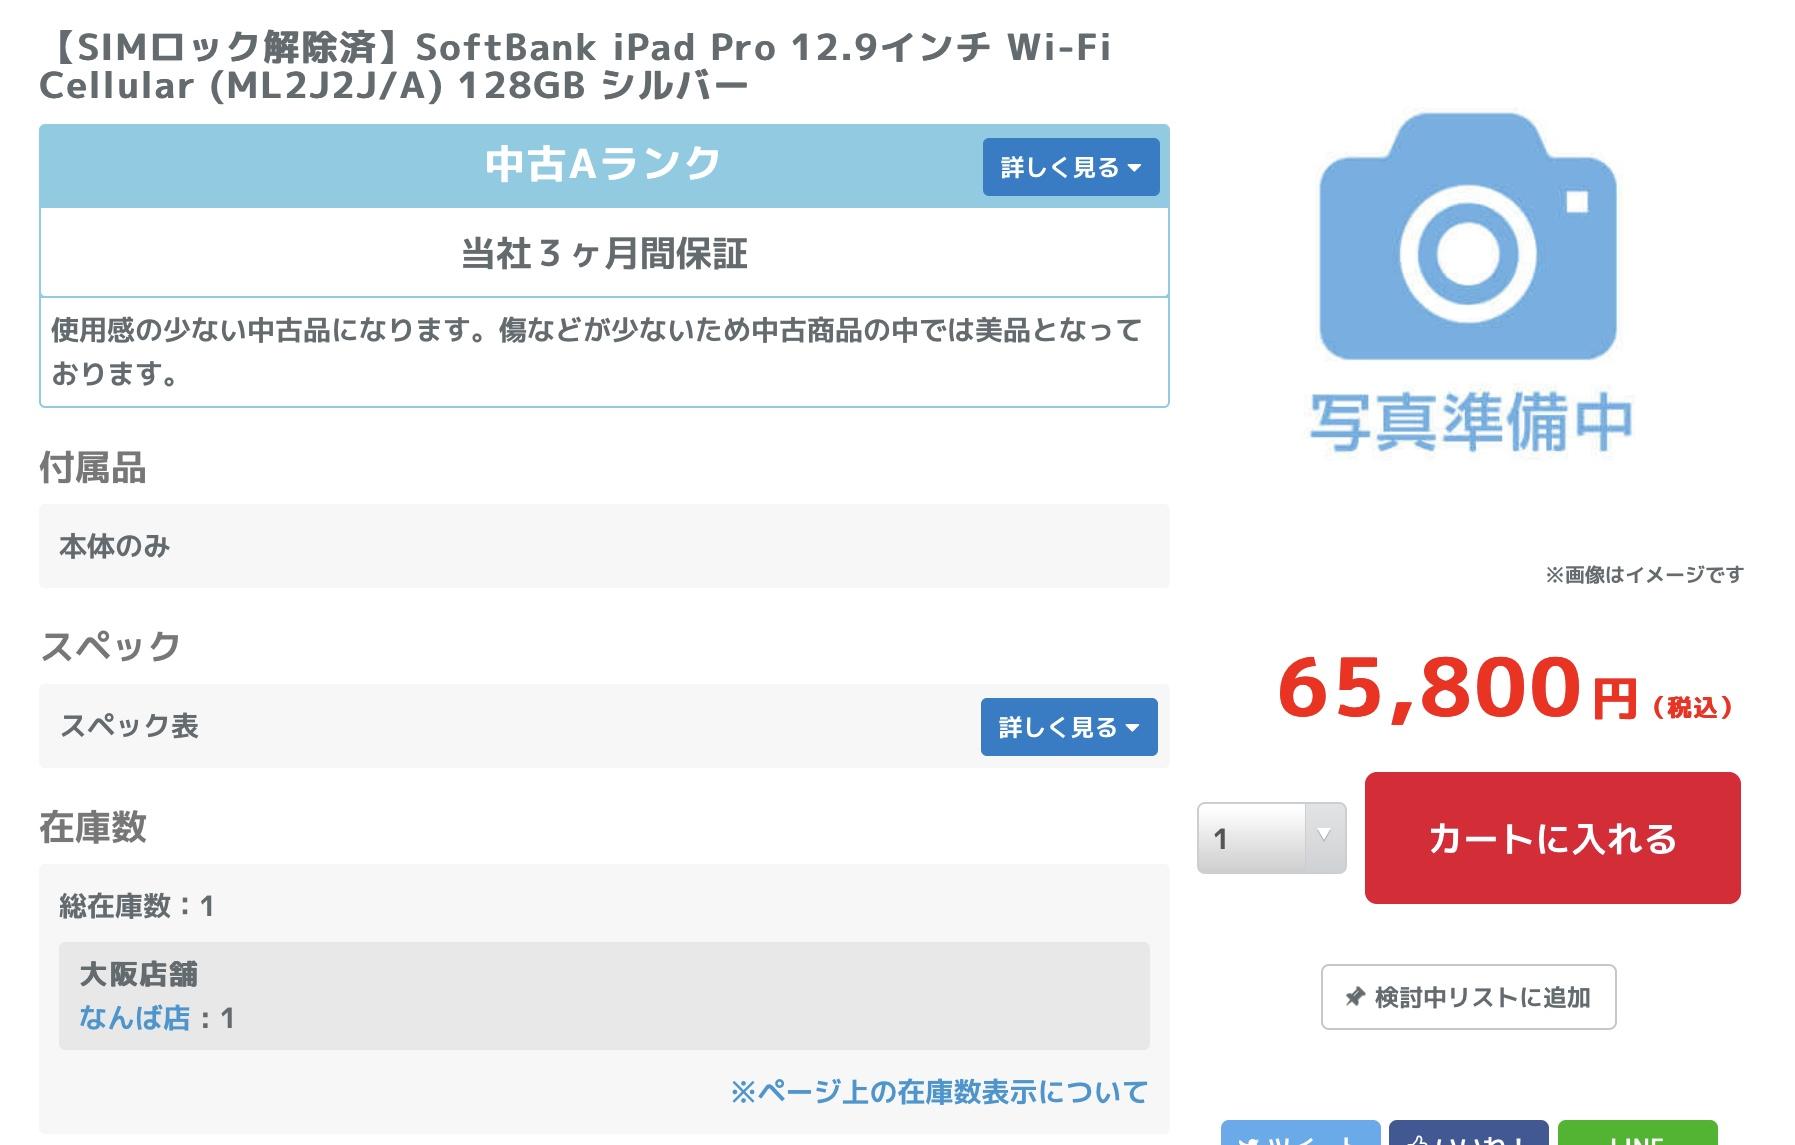 iPad Pro12.9中古